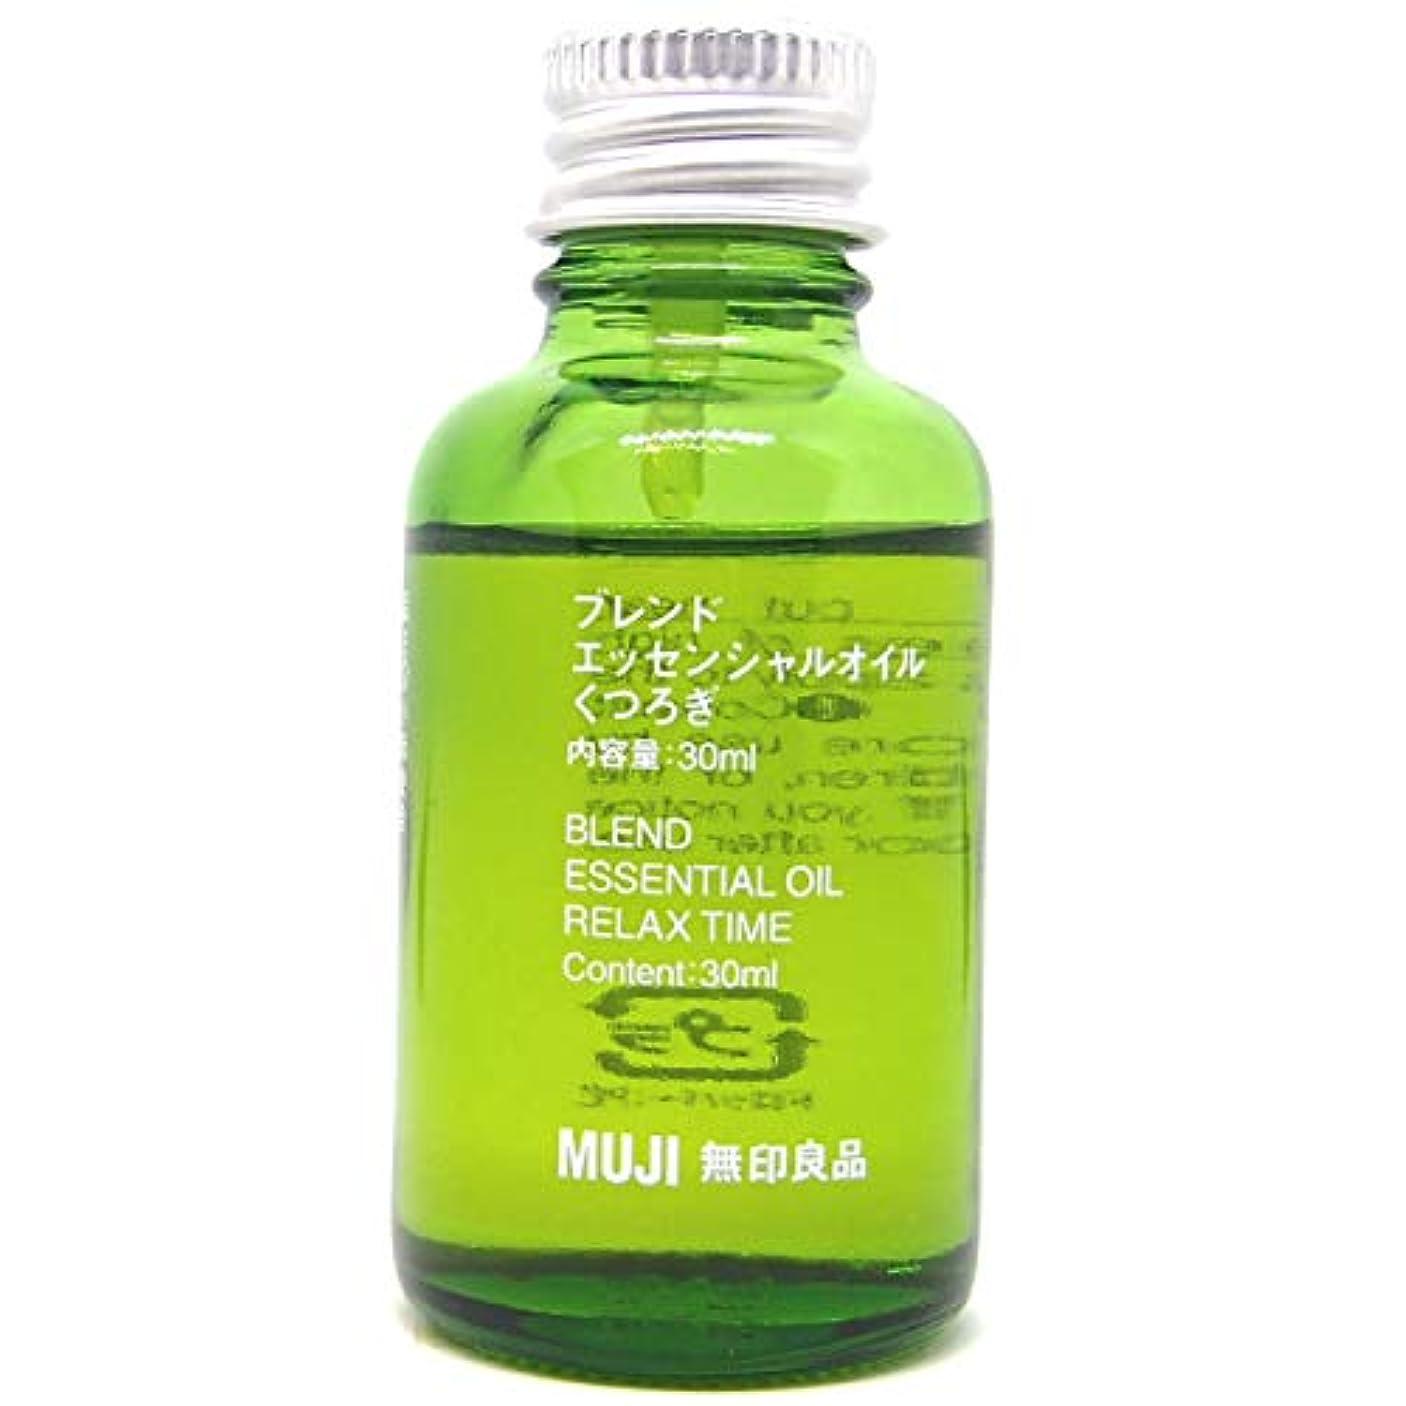 有効化最大の曲げる【無印良品】エッセンシャルオイル30ml(くつろぎ)